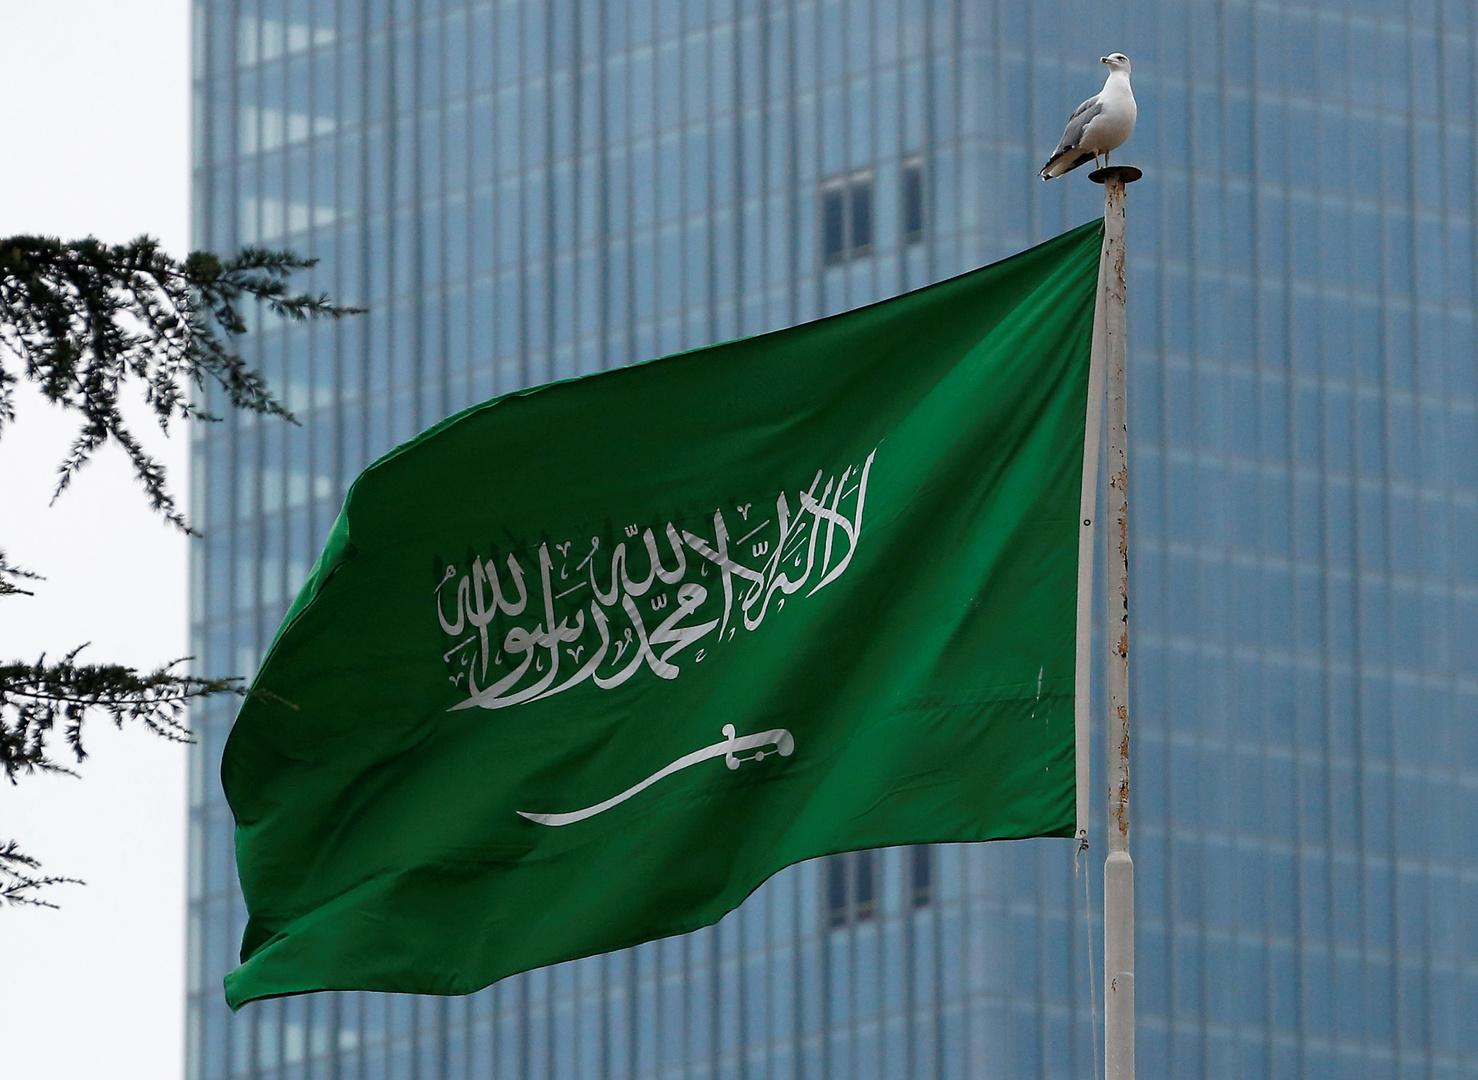 مستشهدا بفيديو لبندر بن سلطان.. أمير سعودي يرد على بيلوسي في قضية السدحان